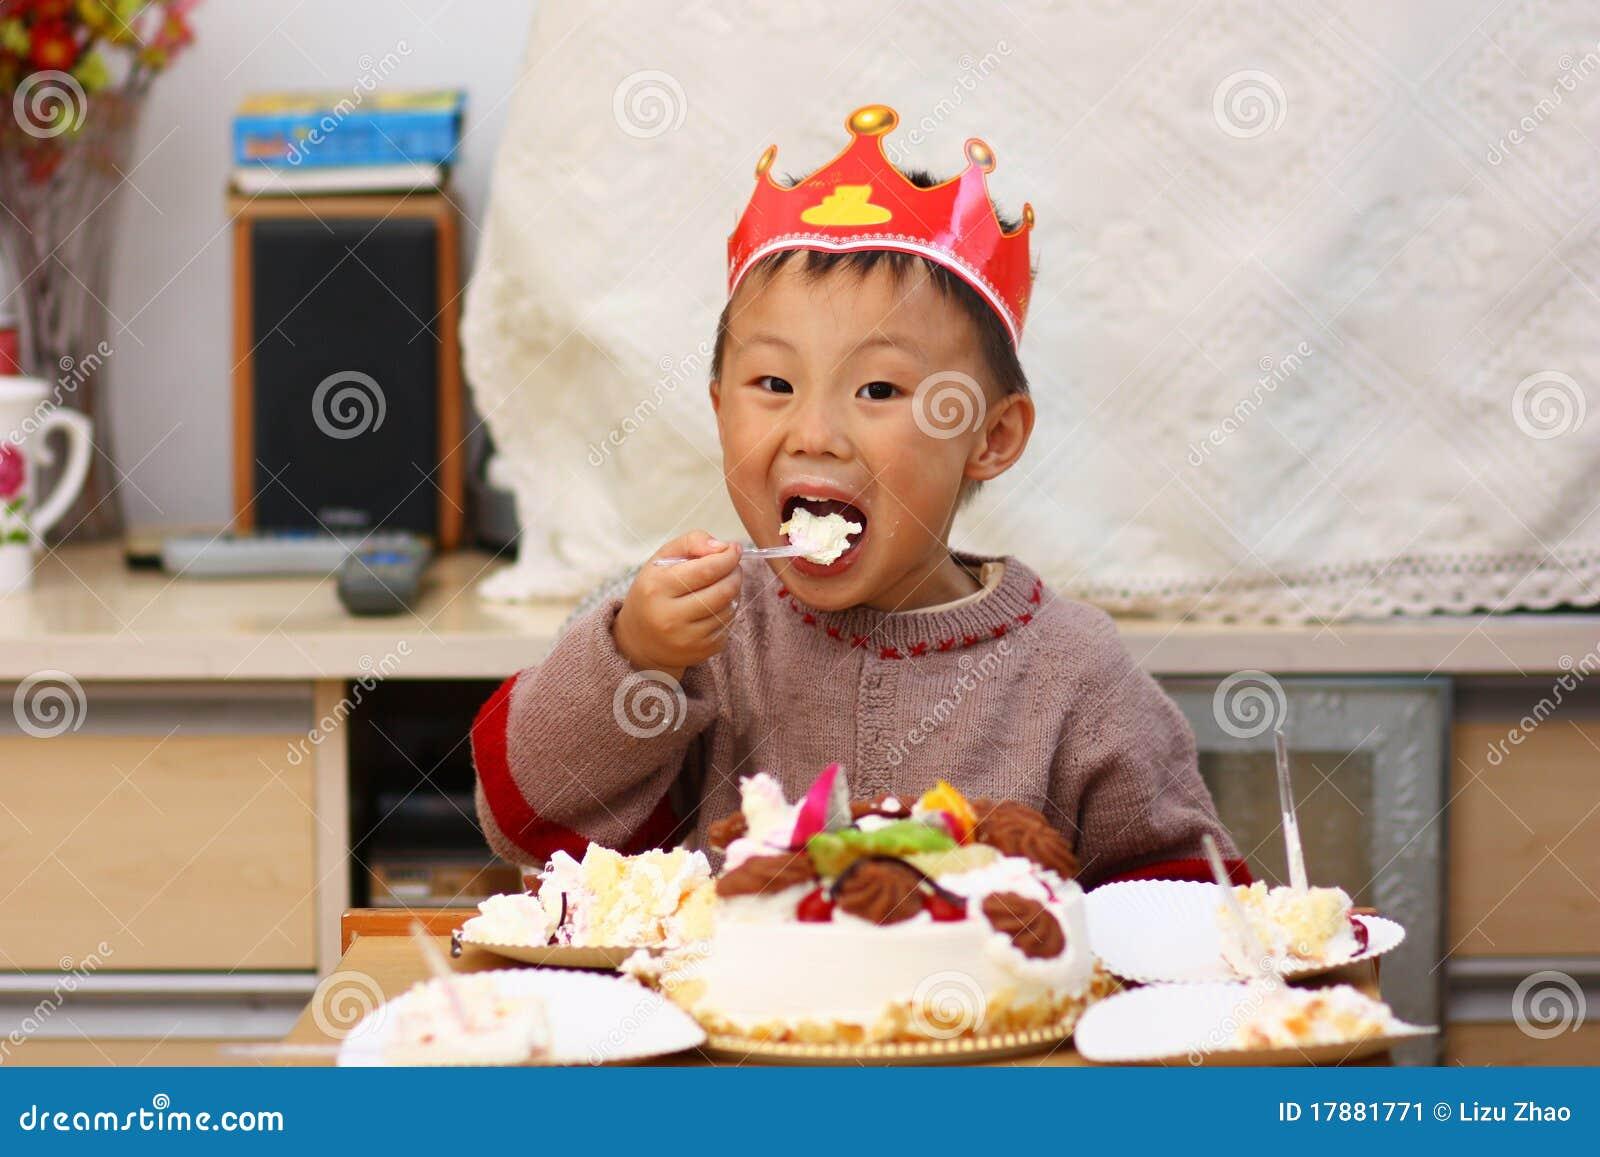 Asian Kid At Birthday